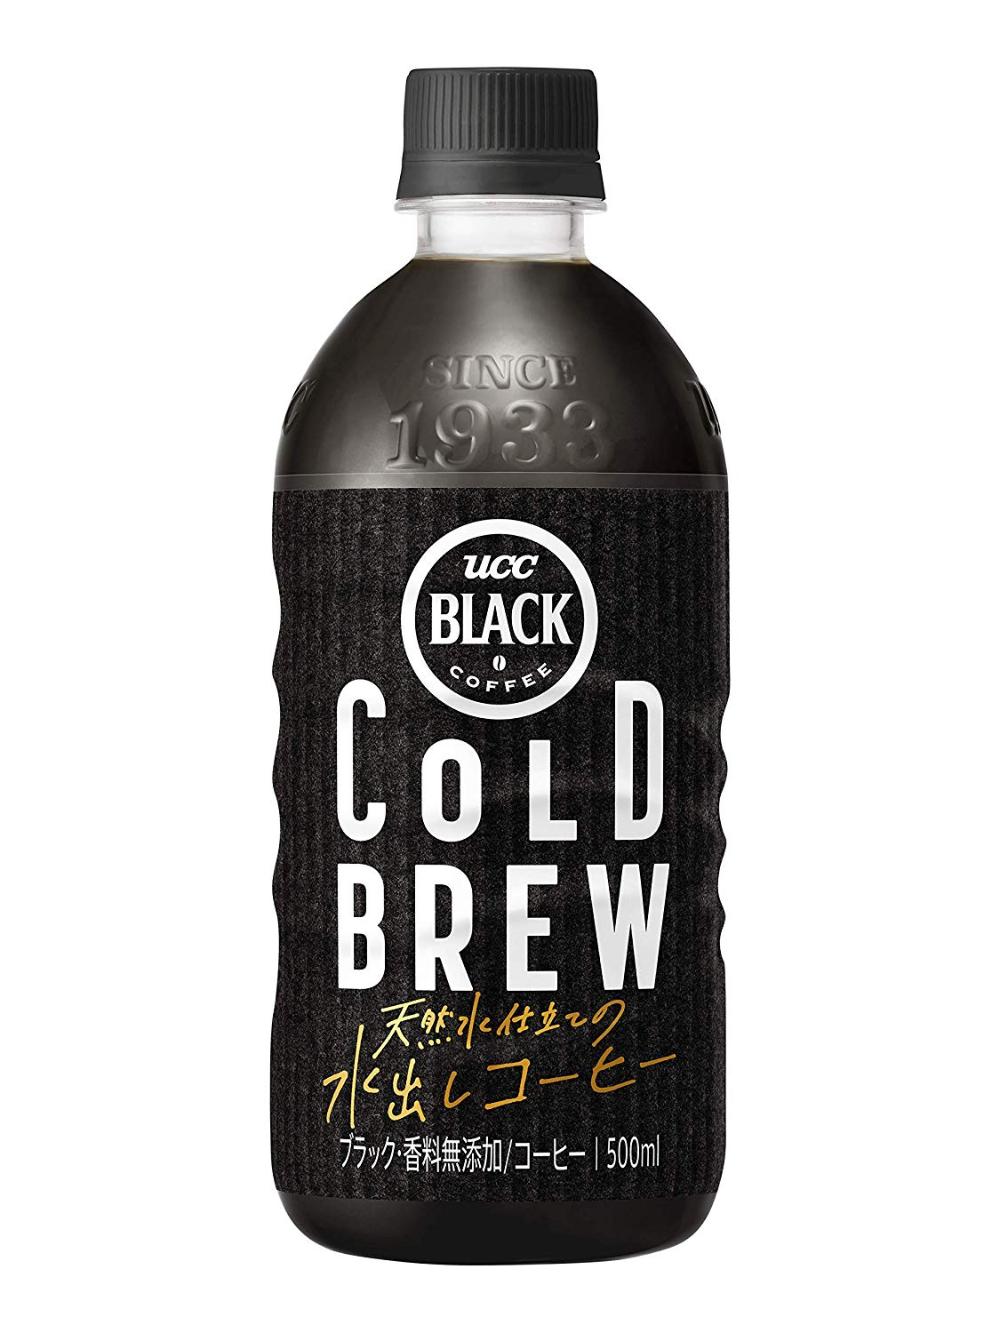 Amazon Ucc ブラック コーヒー コールドブリュー 無糖 500ml 24本 ブラック無糖 食品 飲料 お酒 通販 2020 お酒 コールドブリュー 酒